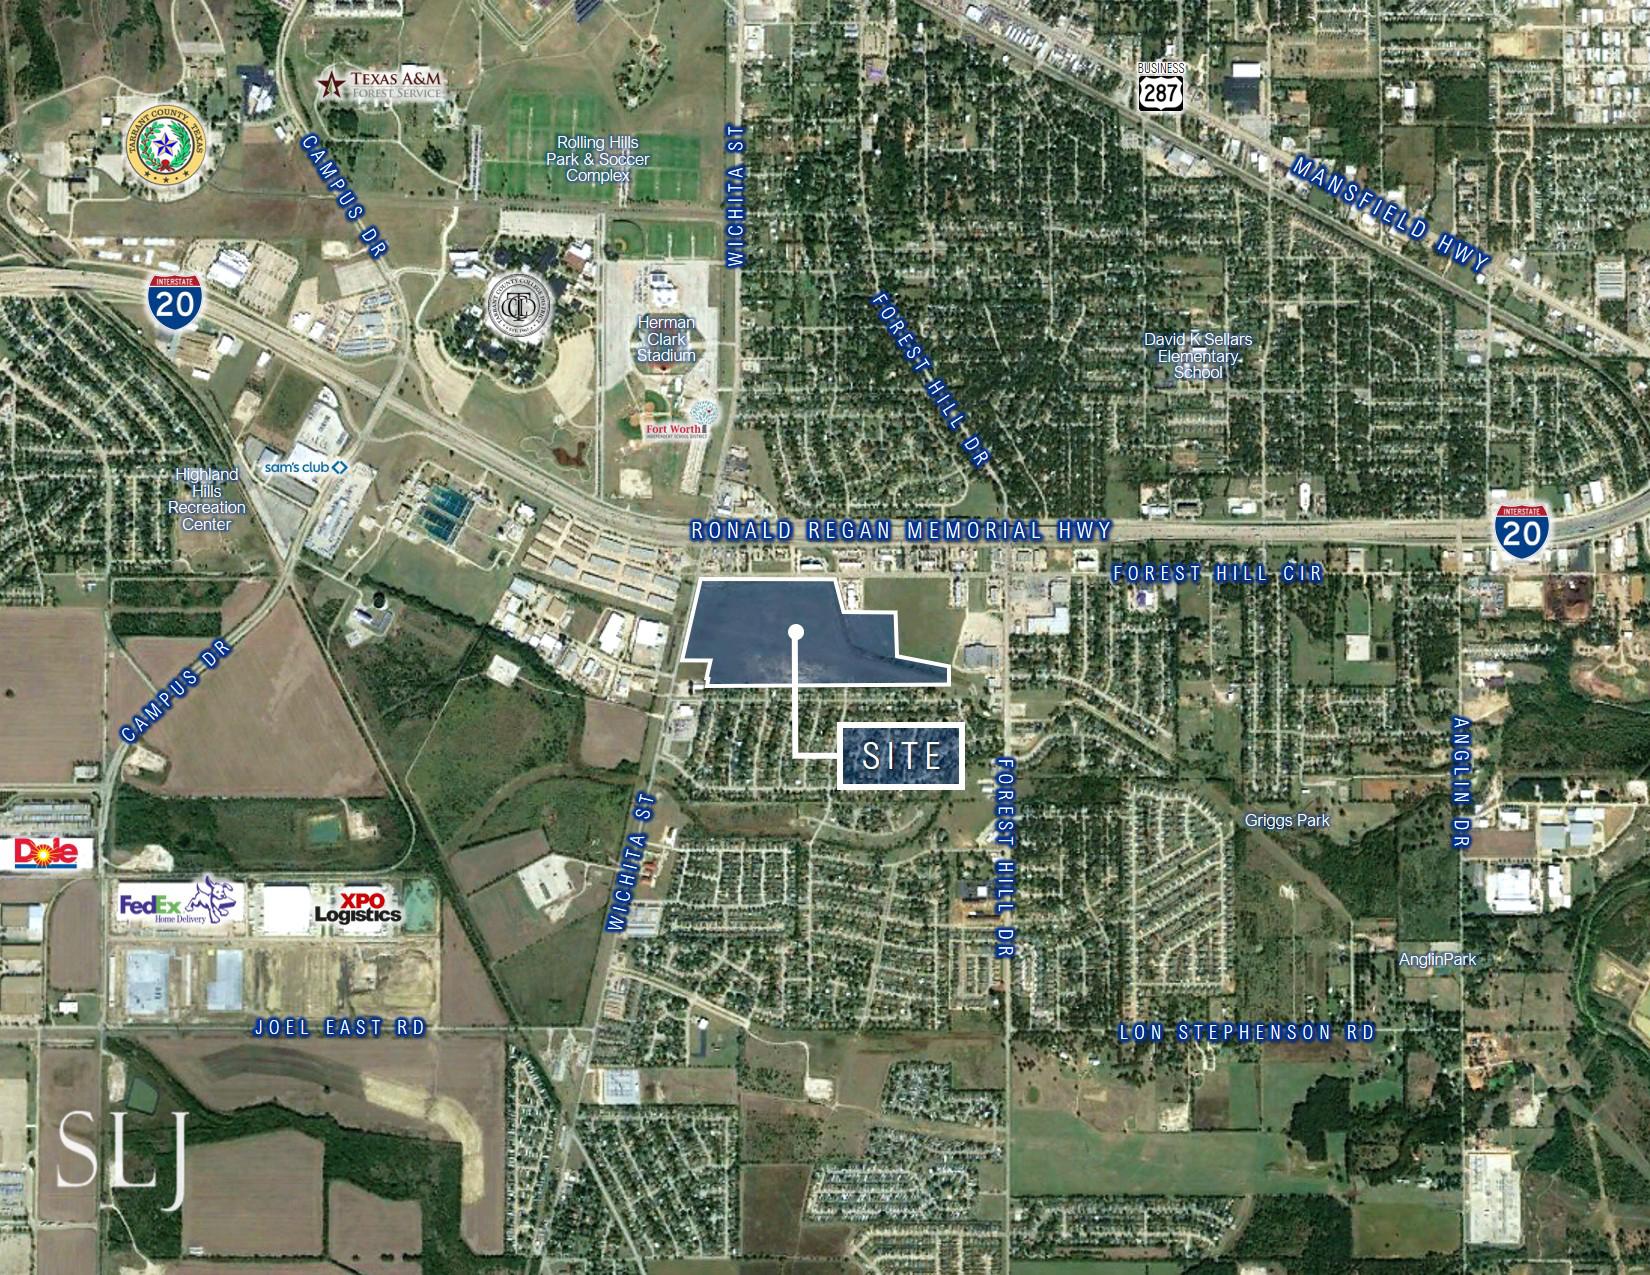 Forest Hill Circle & Wichita St